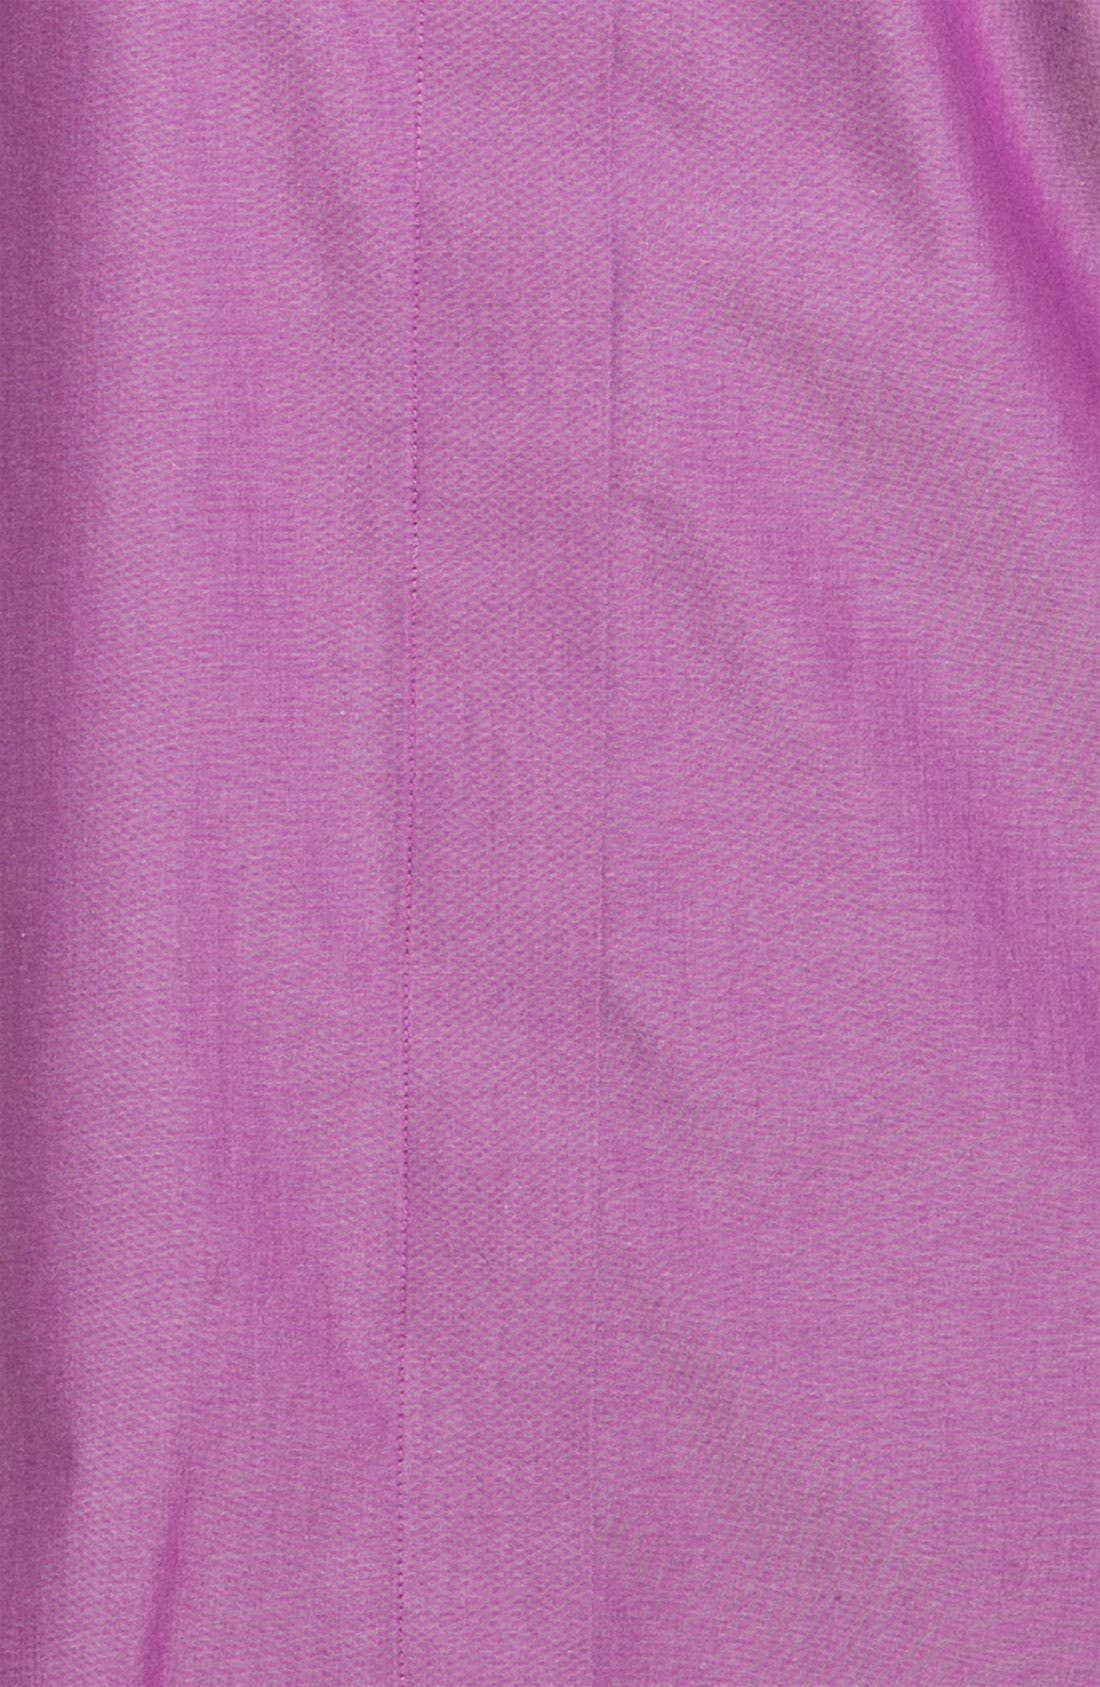 Alternate Image 3  - Foxcroft Wrinkle Free Shaped Shirt (Plus Size)